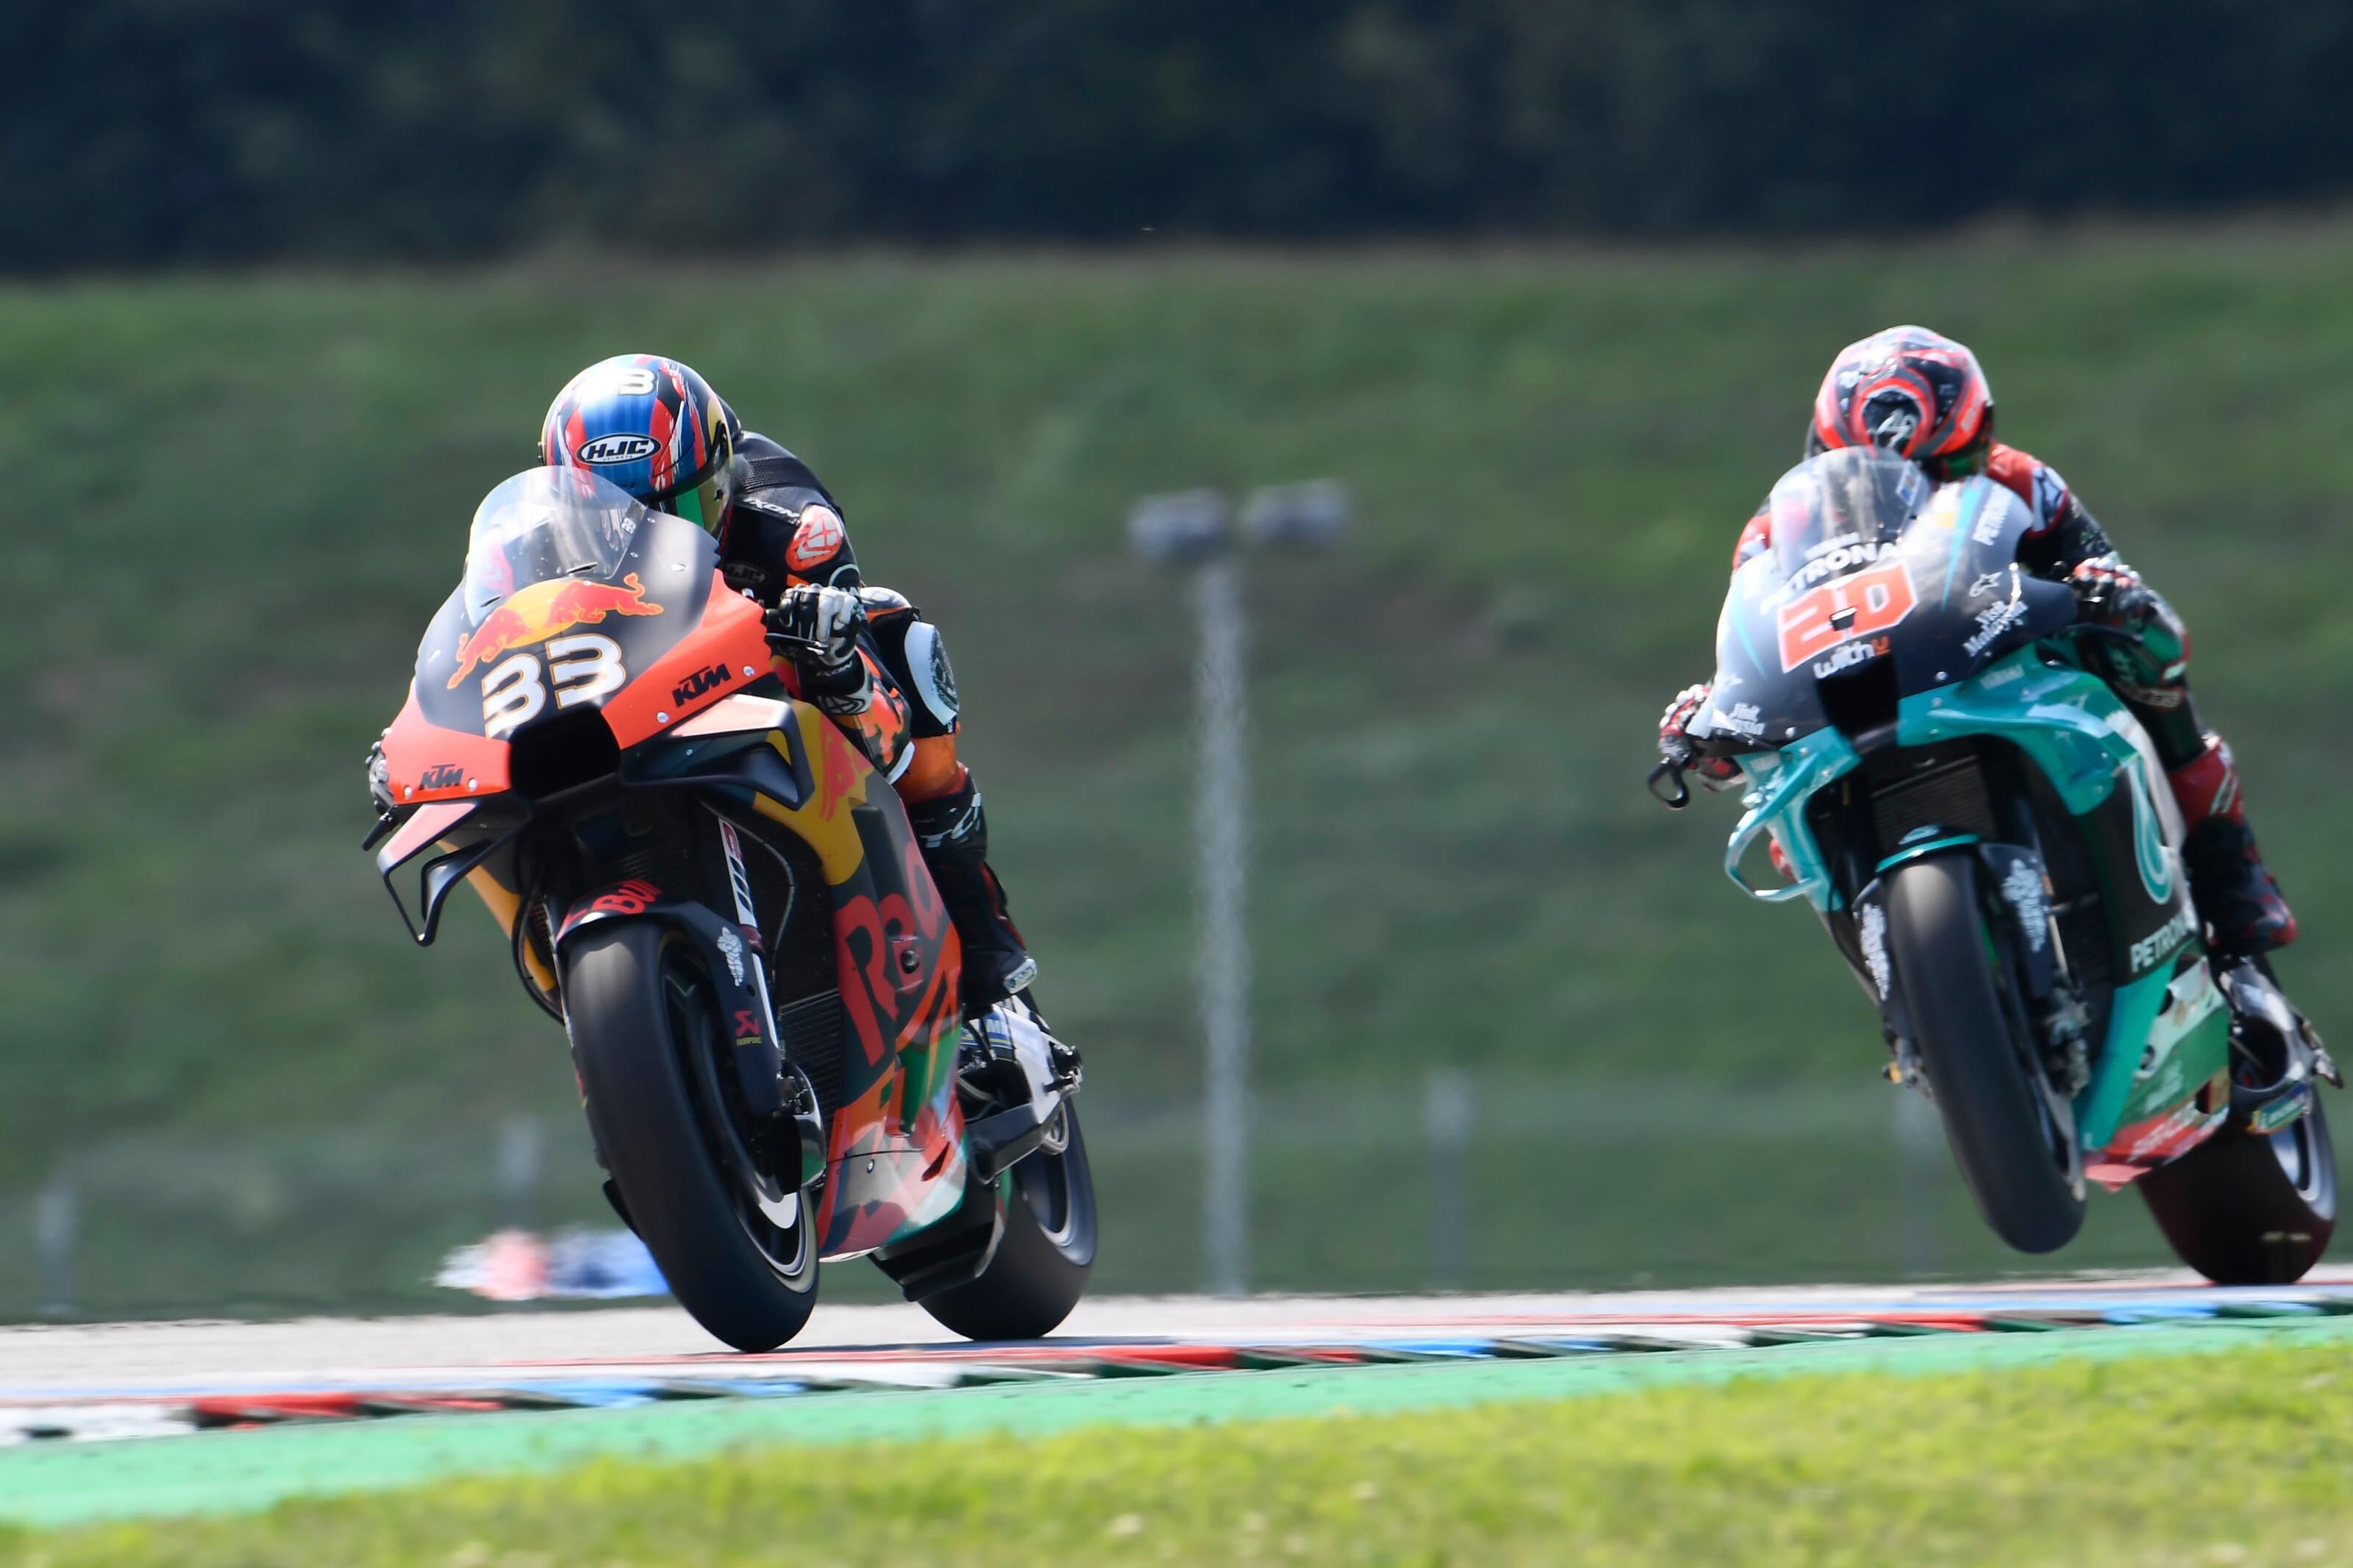 Történelmi siker: újonc pilóta szerezte a KTM első MotoGP-győzelmét!